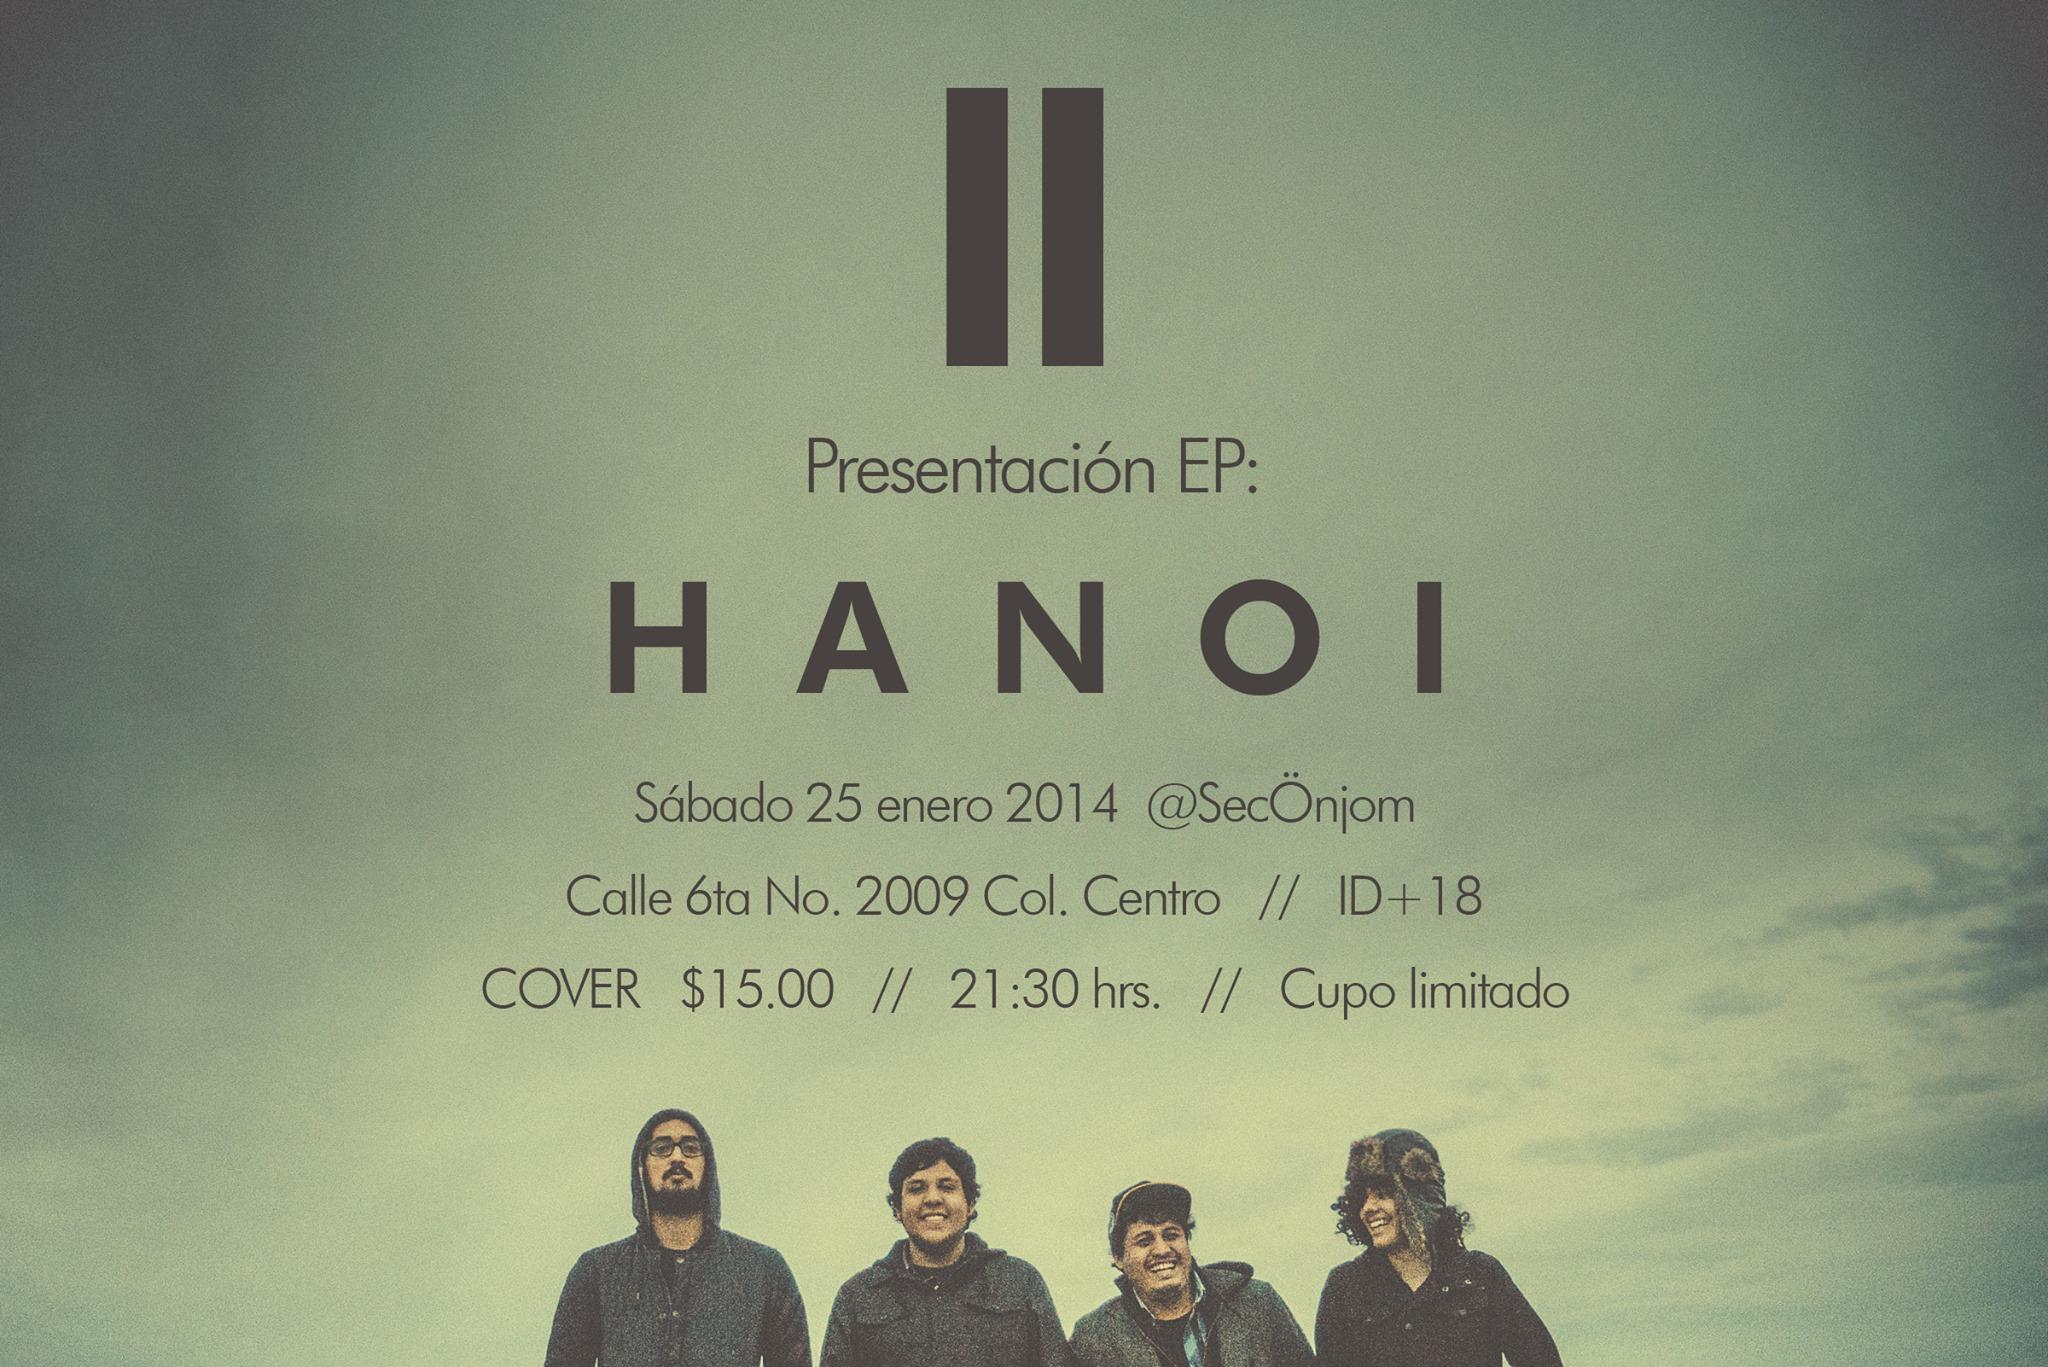 Presentación del EP 'HANOI' de II este sábado 25 de enero @ SecÖnjom